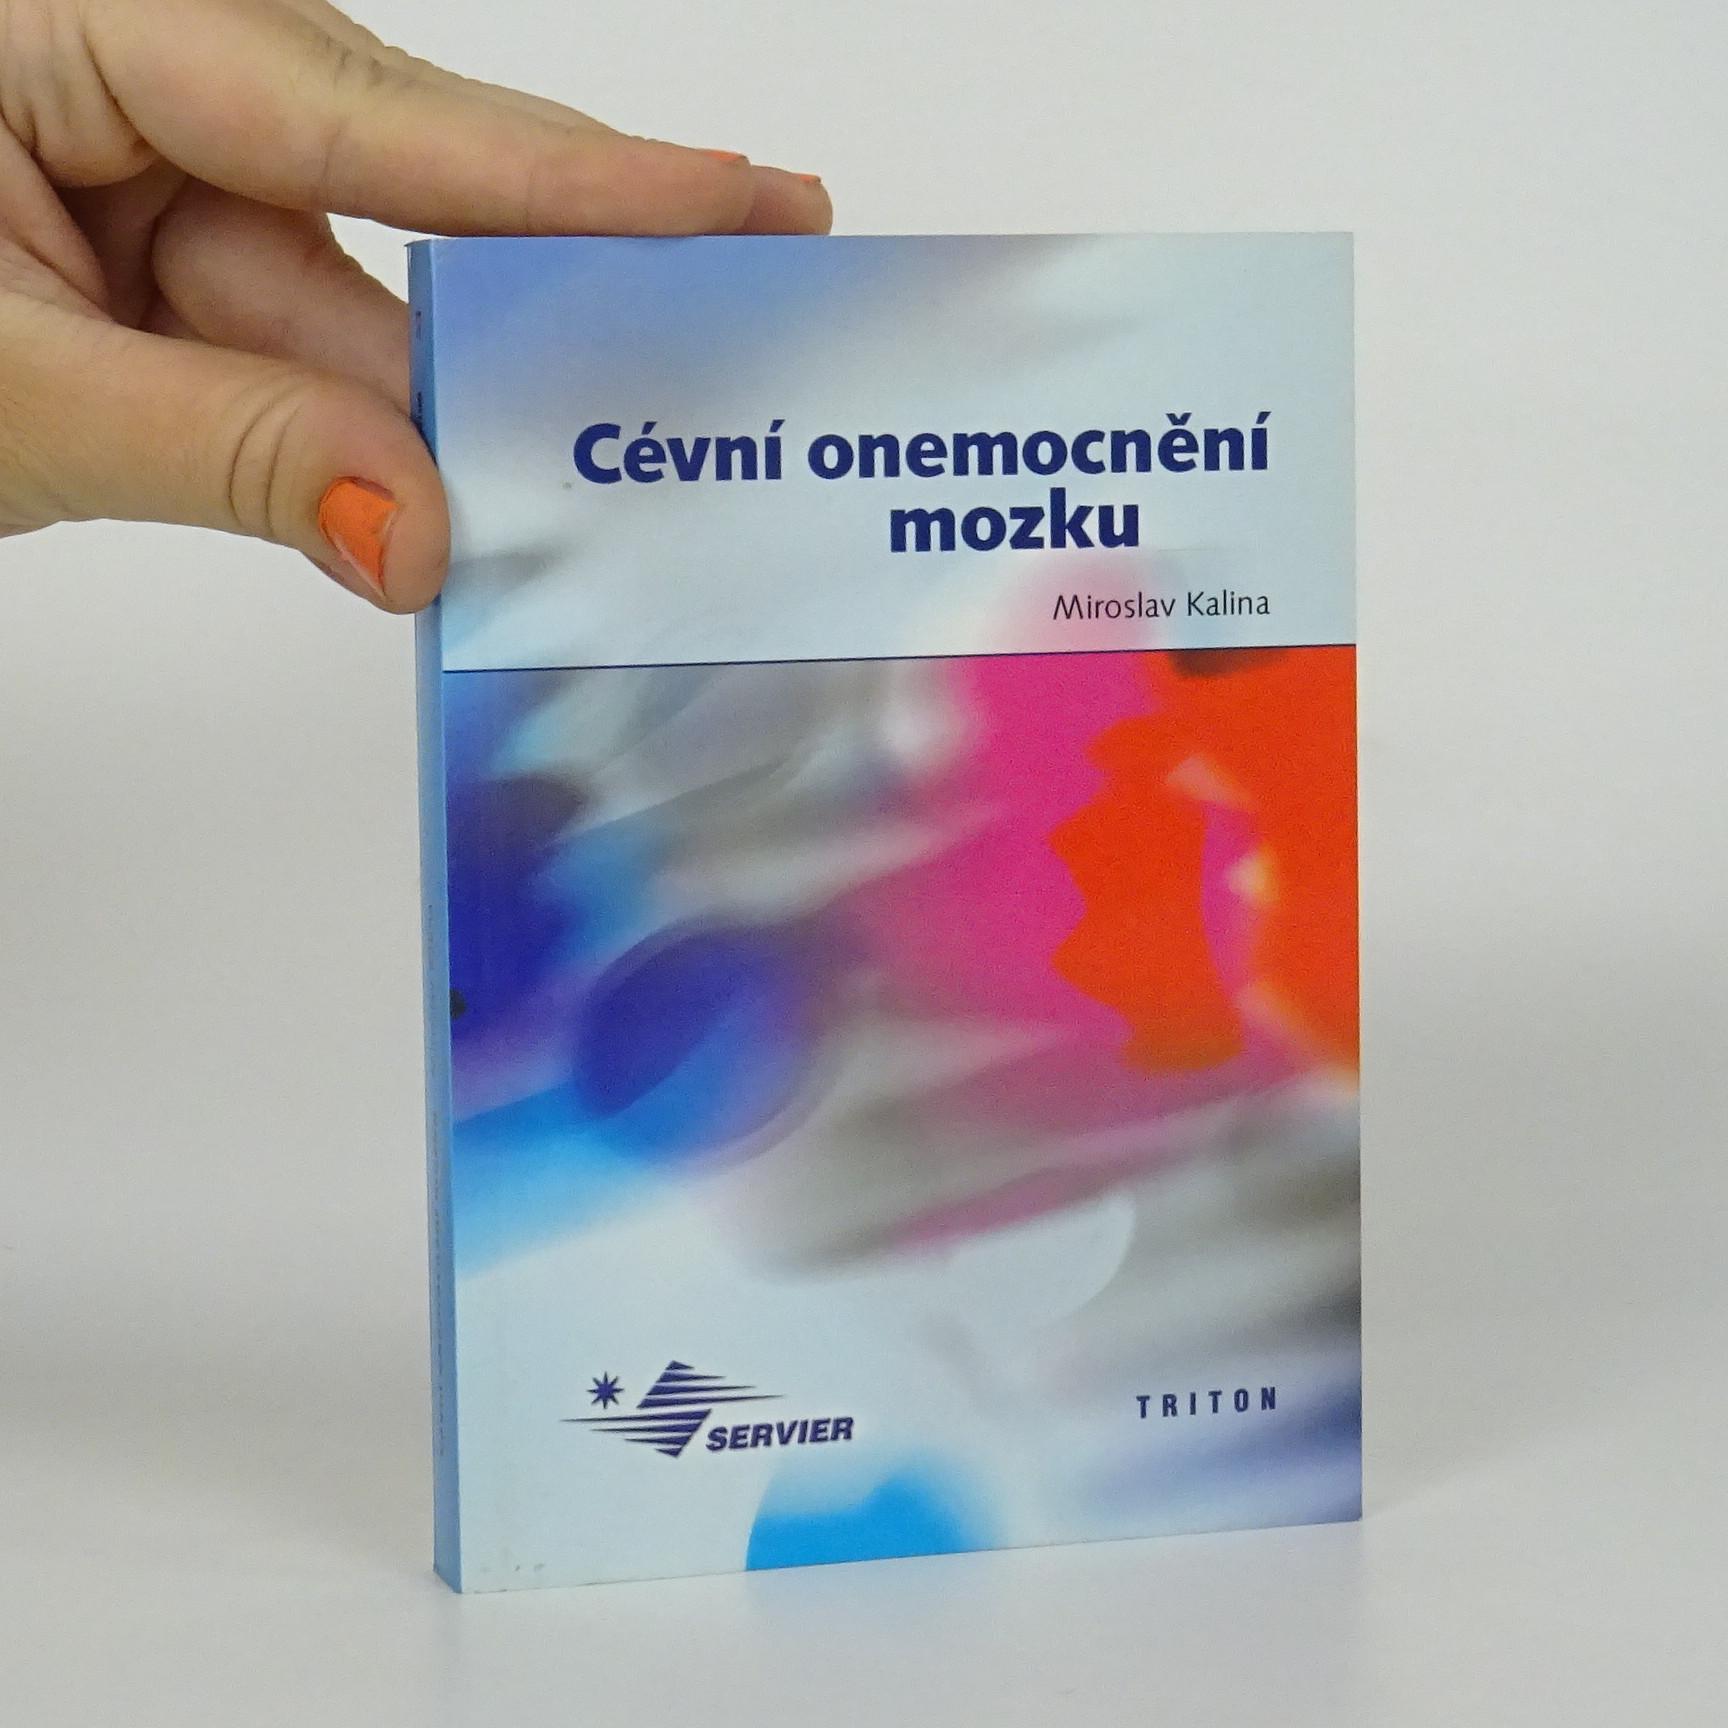 antikvární kniha Cévní onemocnění mozku, 2001